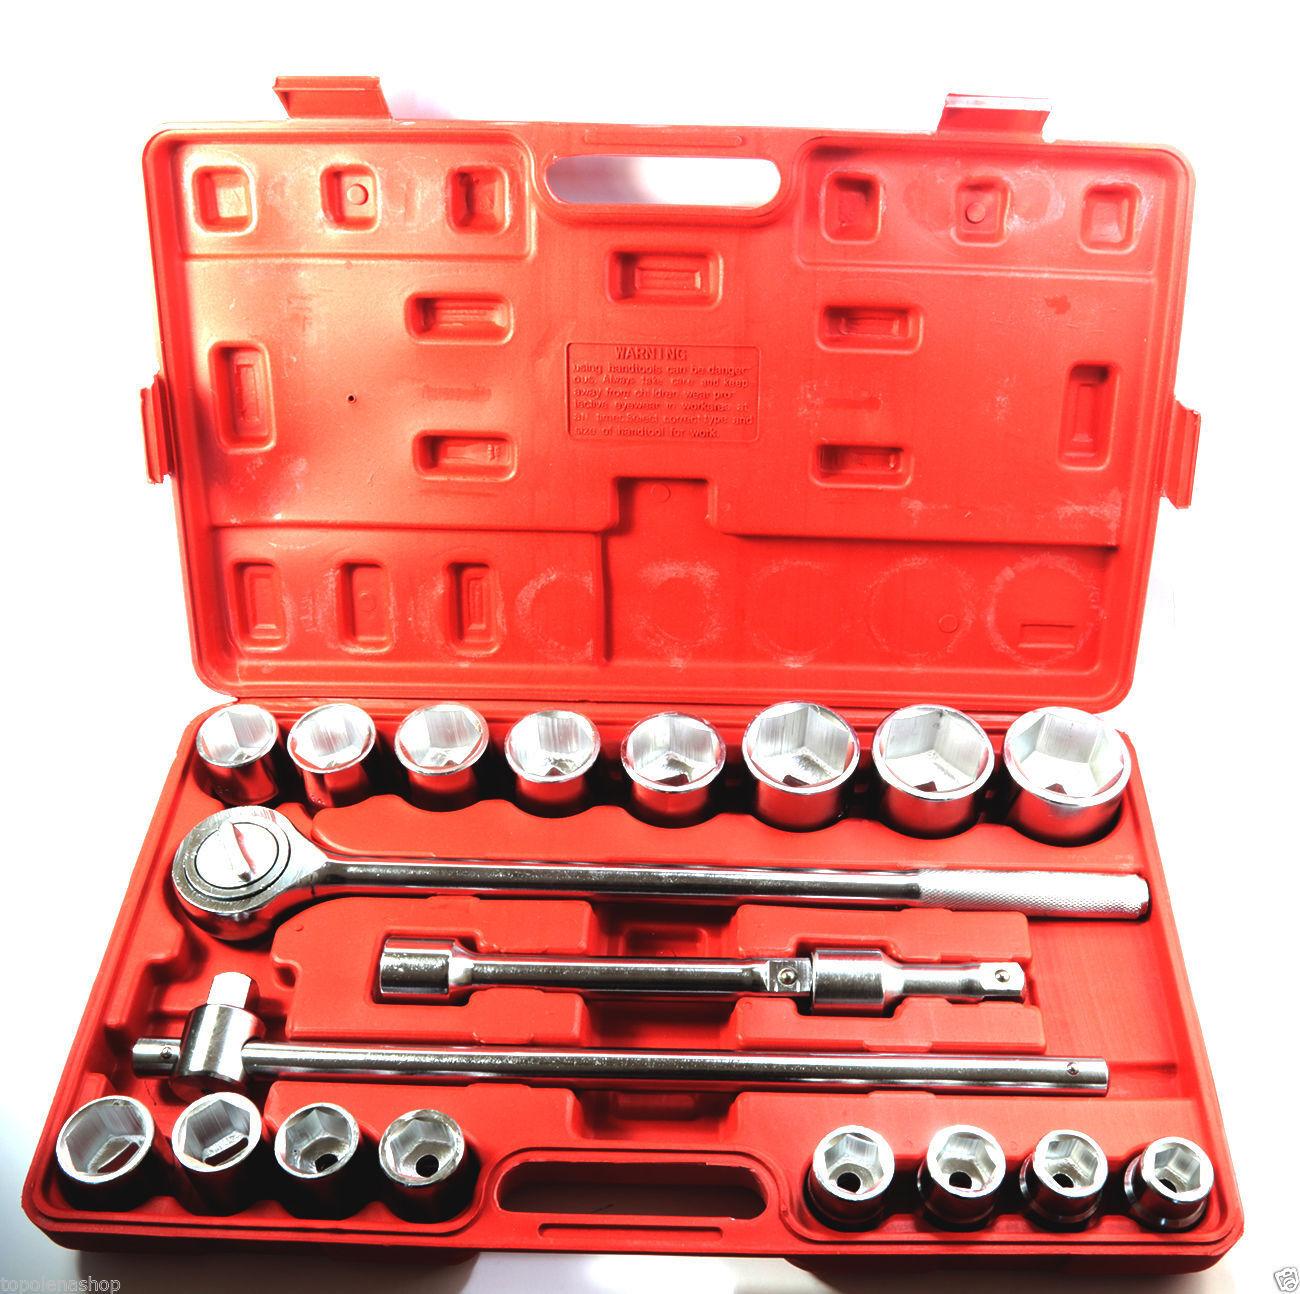 PDR SET Schlüssel zum Kompass 3 4  21PZ 19-50mm für LKW und Traktoren CHROME | Shop  | Moderner Modus  | Der neueste Stil  | Spielzeugwelt, spielen Sie Ihre eigene Welt